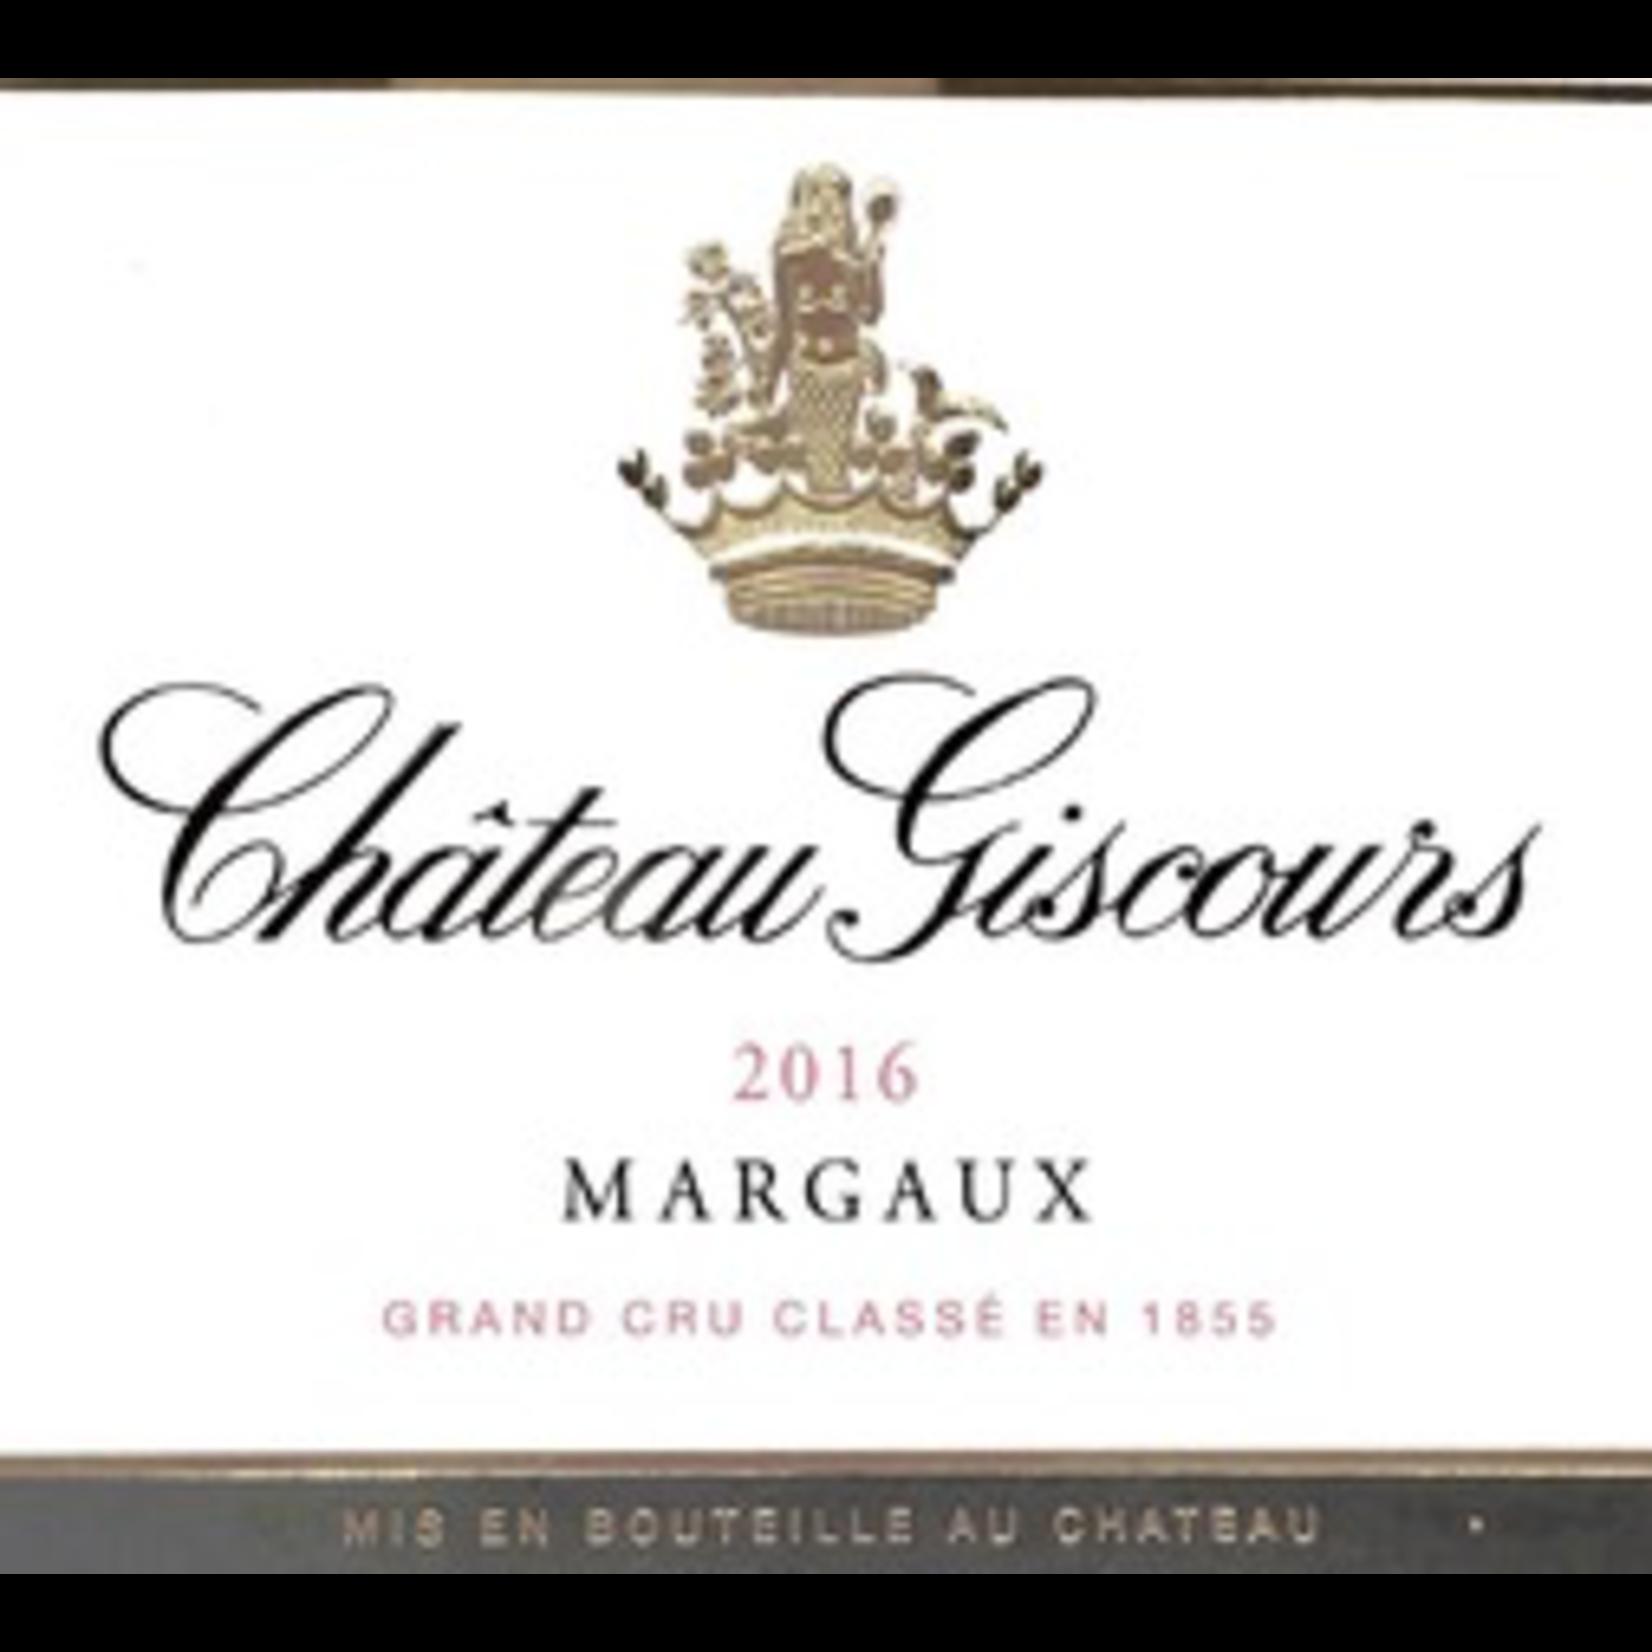 Chateau Giscours 2018